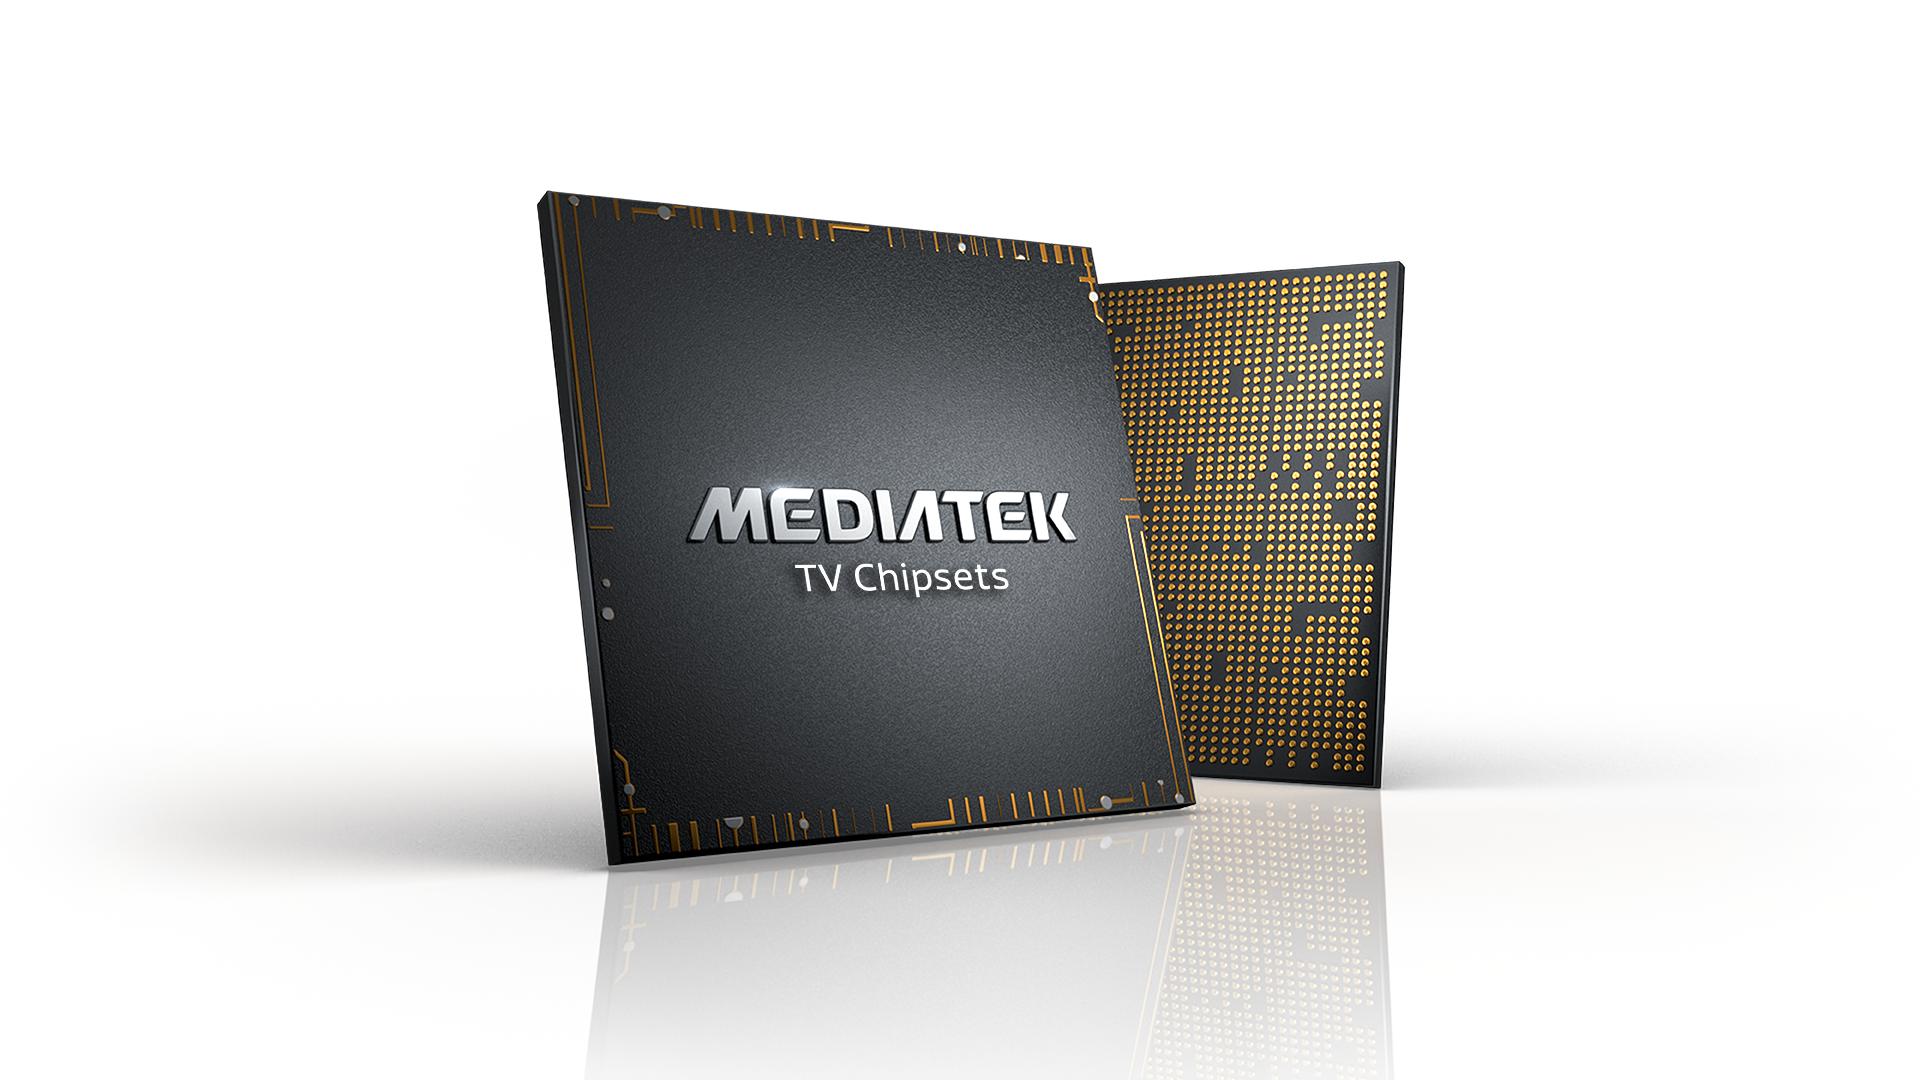 MediaTek发布全新4K智能电视芯片终端产品将于2021年第二季度上市